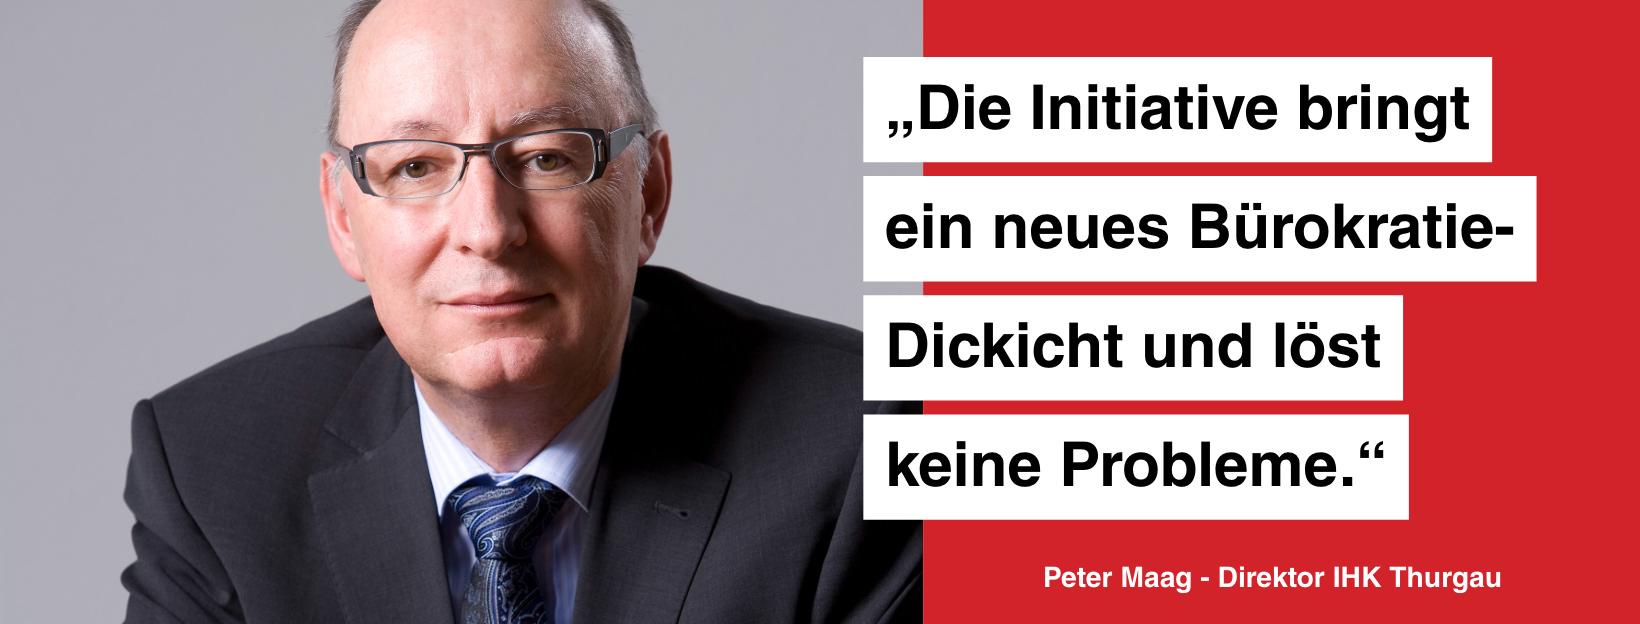 Statement von Peter Maag, Direktor der IHK Thurgau.